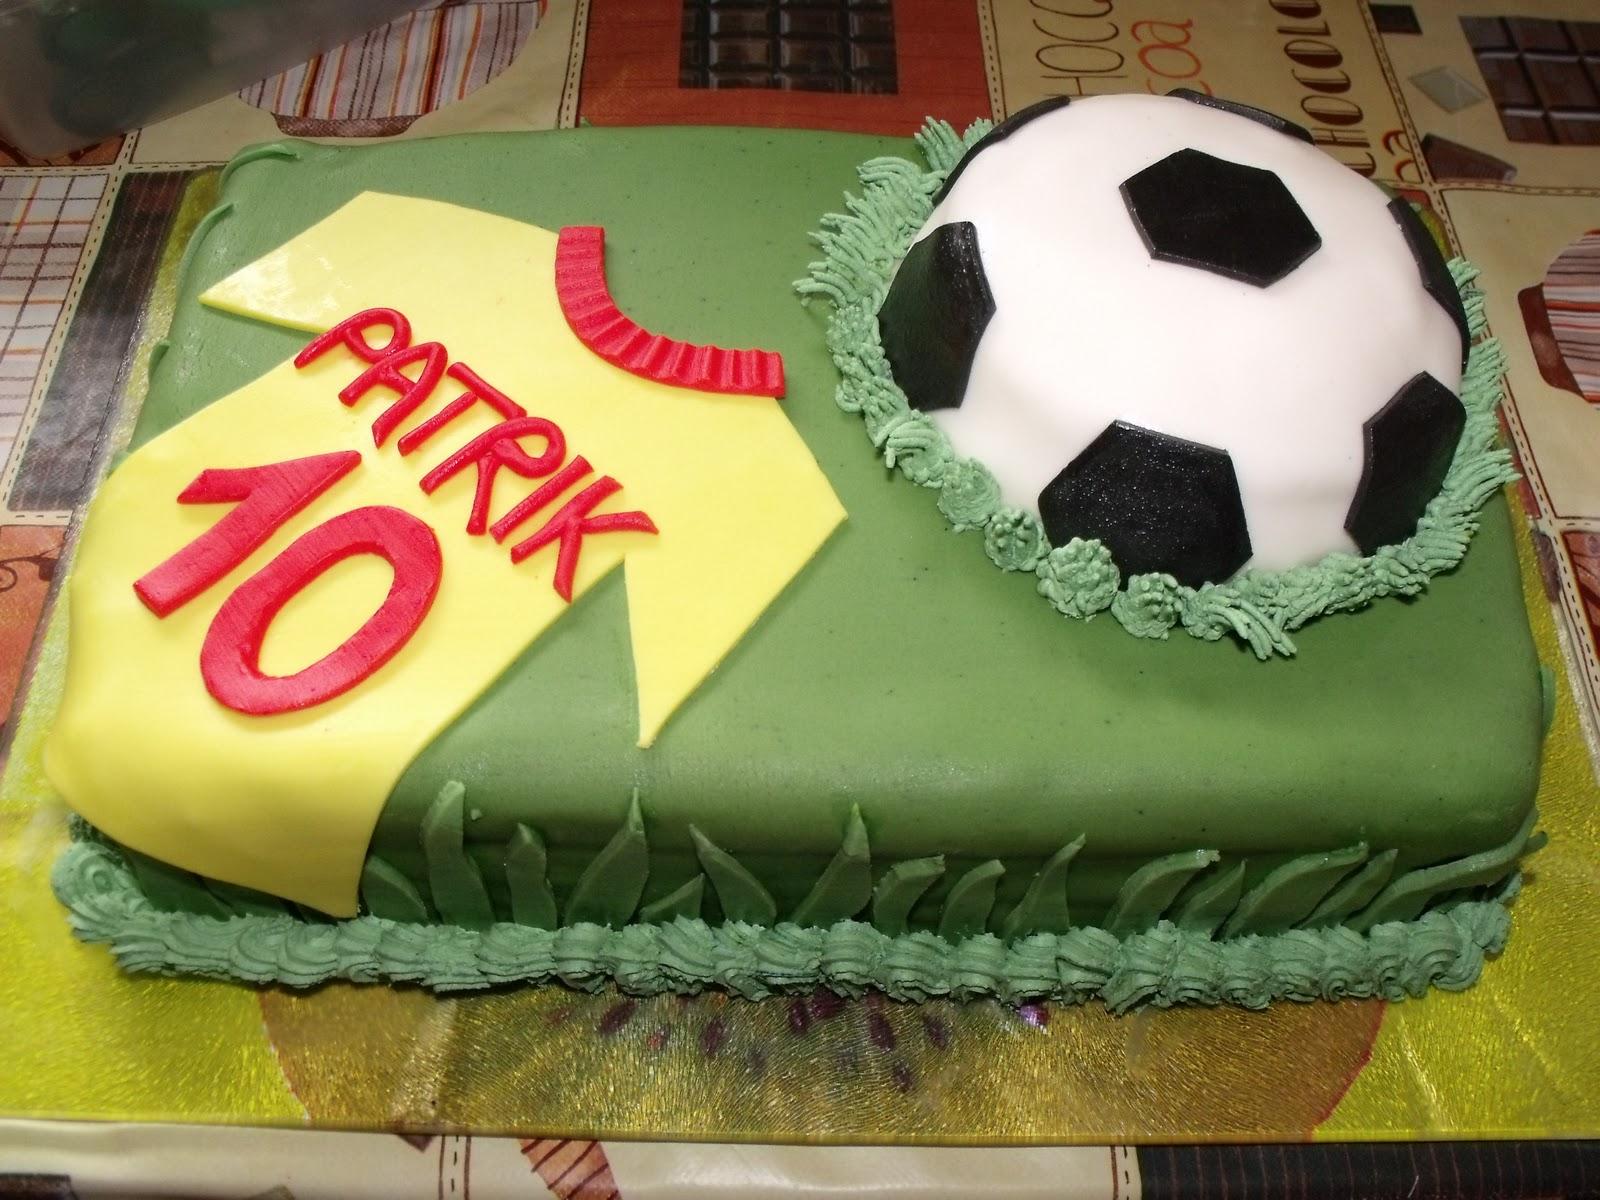 focis torta képek Édes illatok konyhája: Focis torta focis torta képek